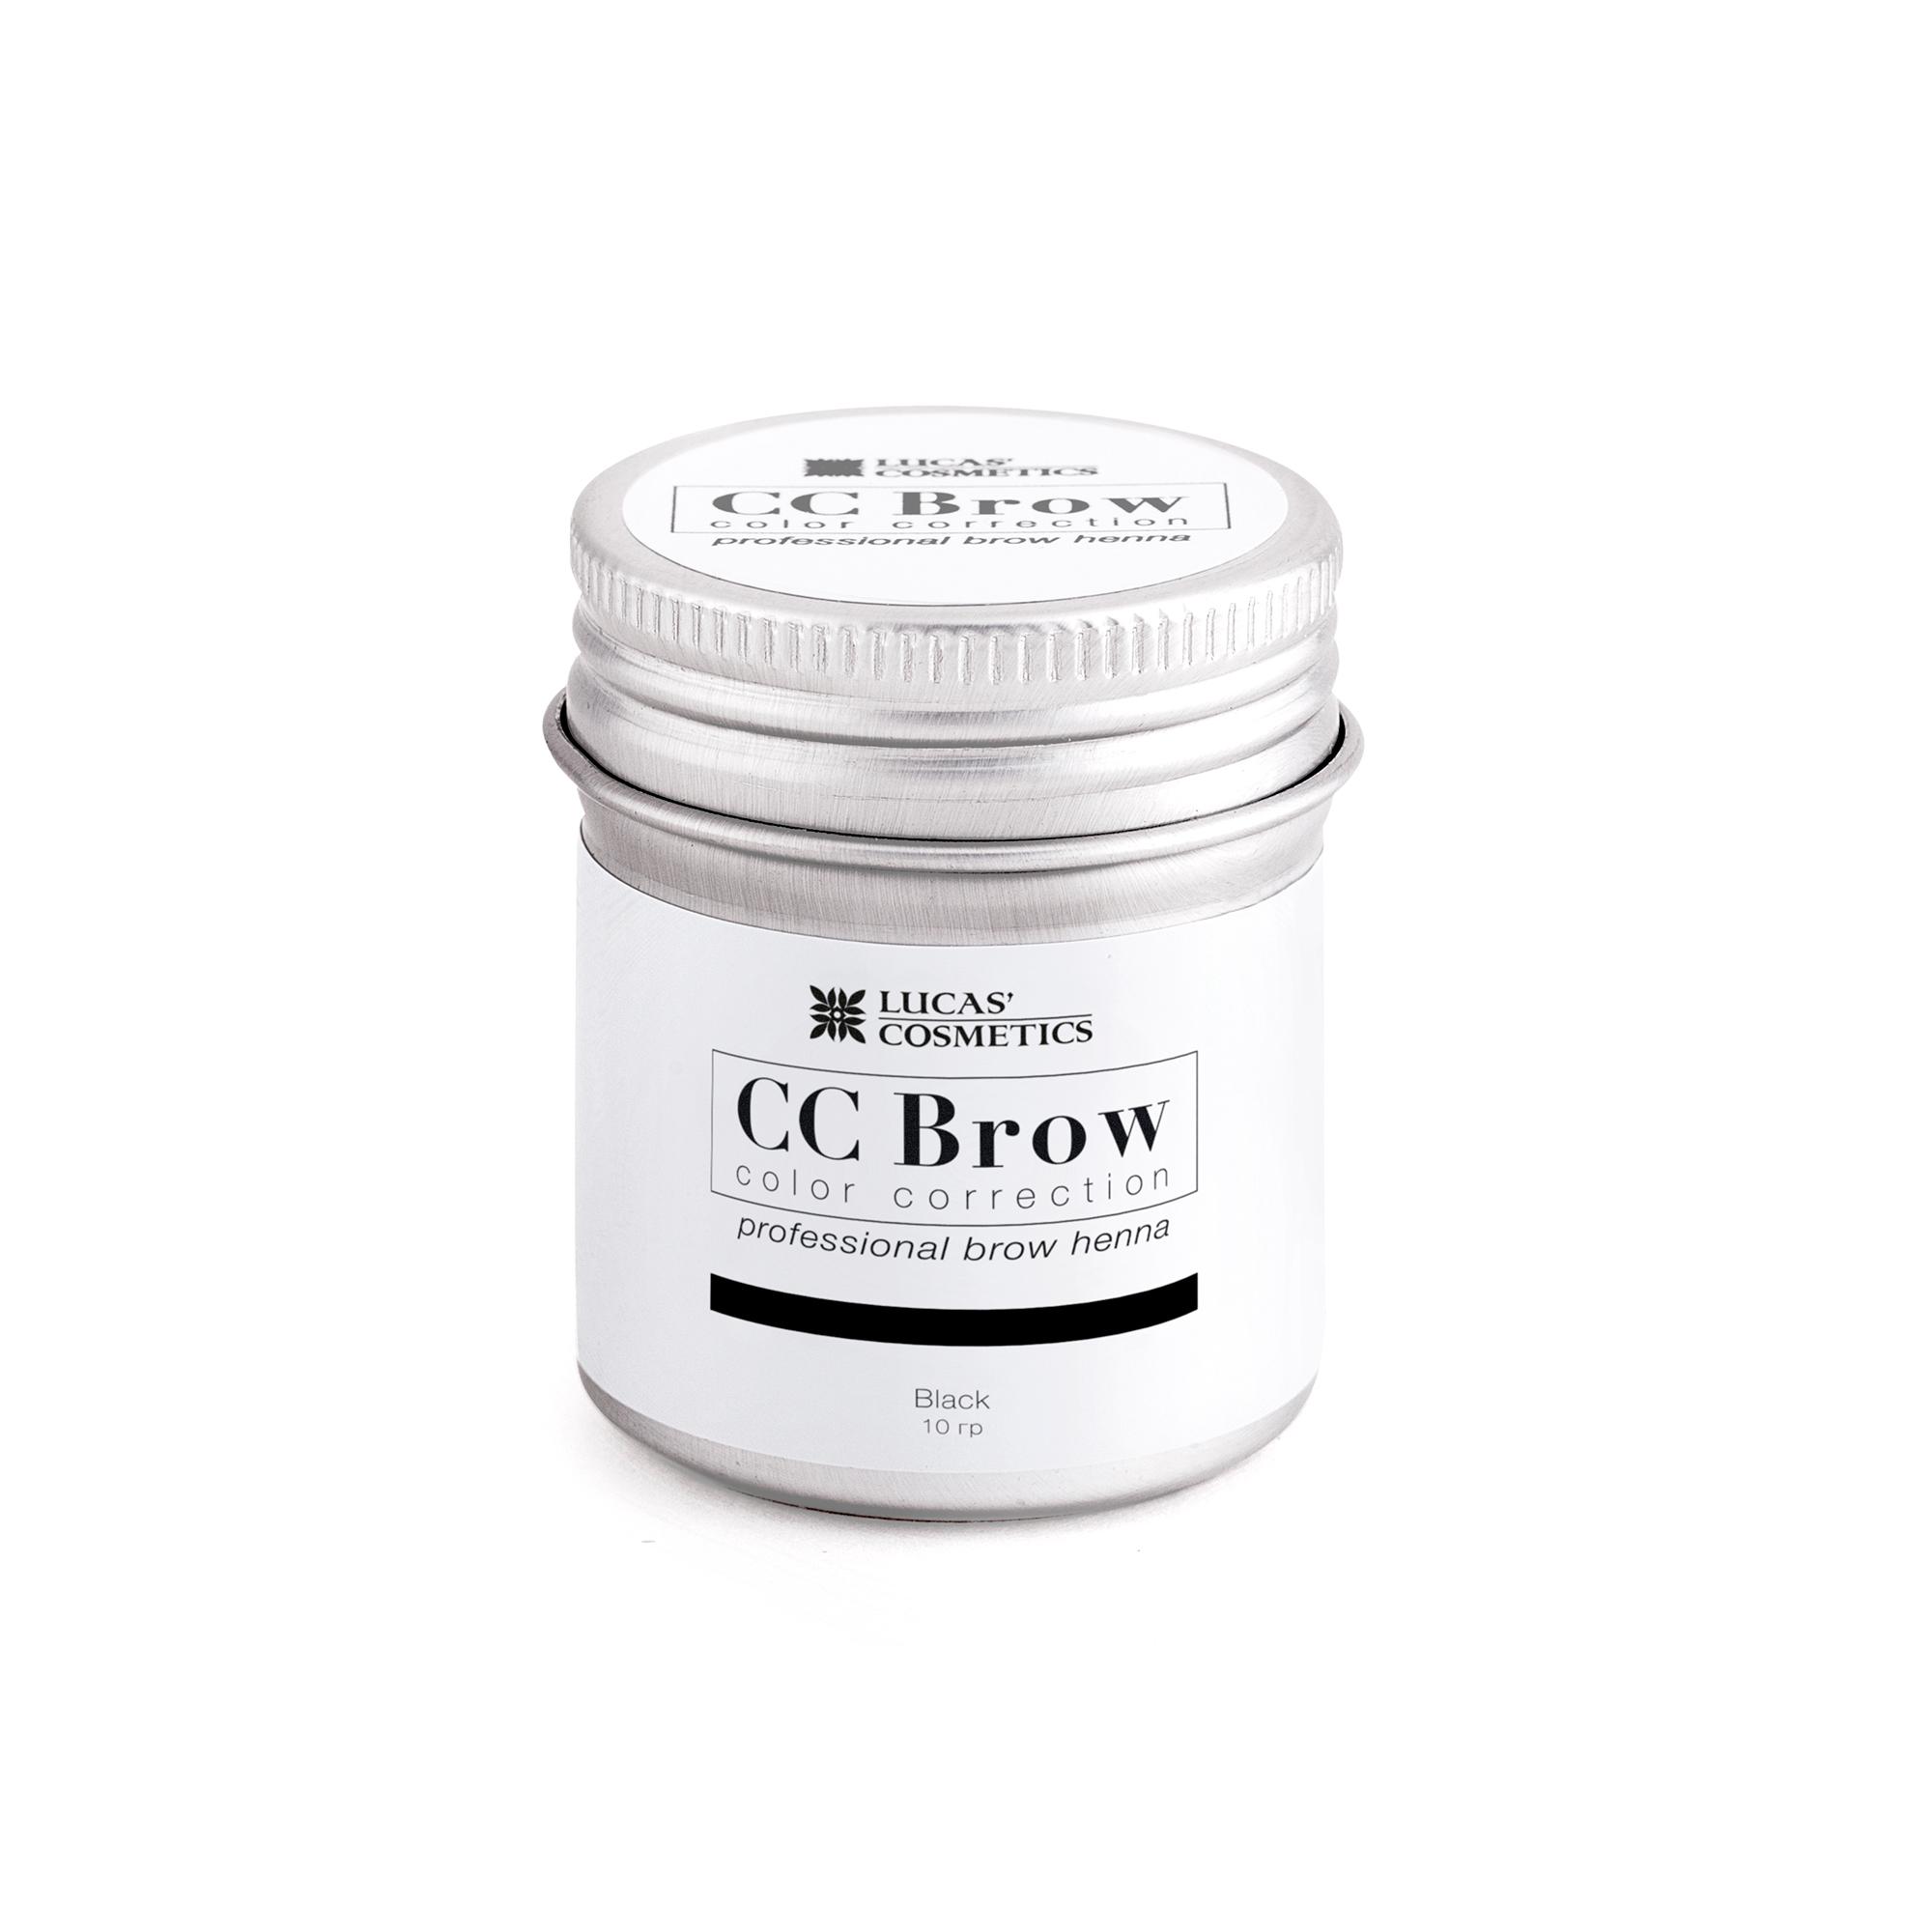 LUCAS' COSMETICS Хна для бровей в баночке (черный) / CC Brow (black), 10 гр